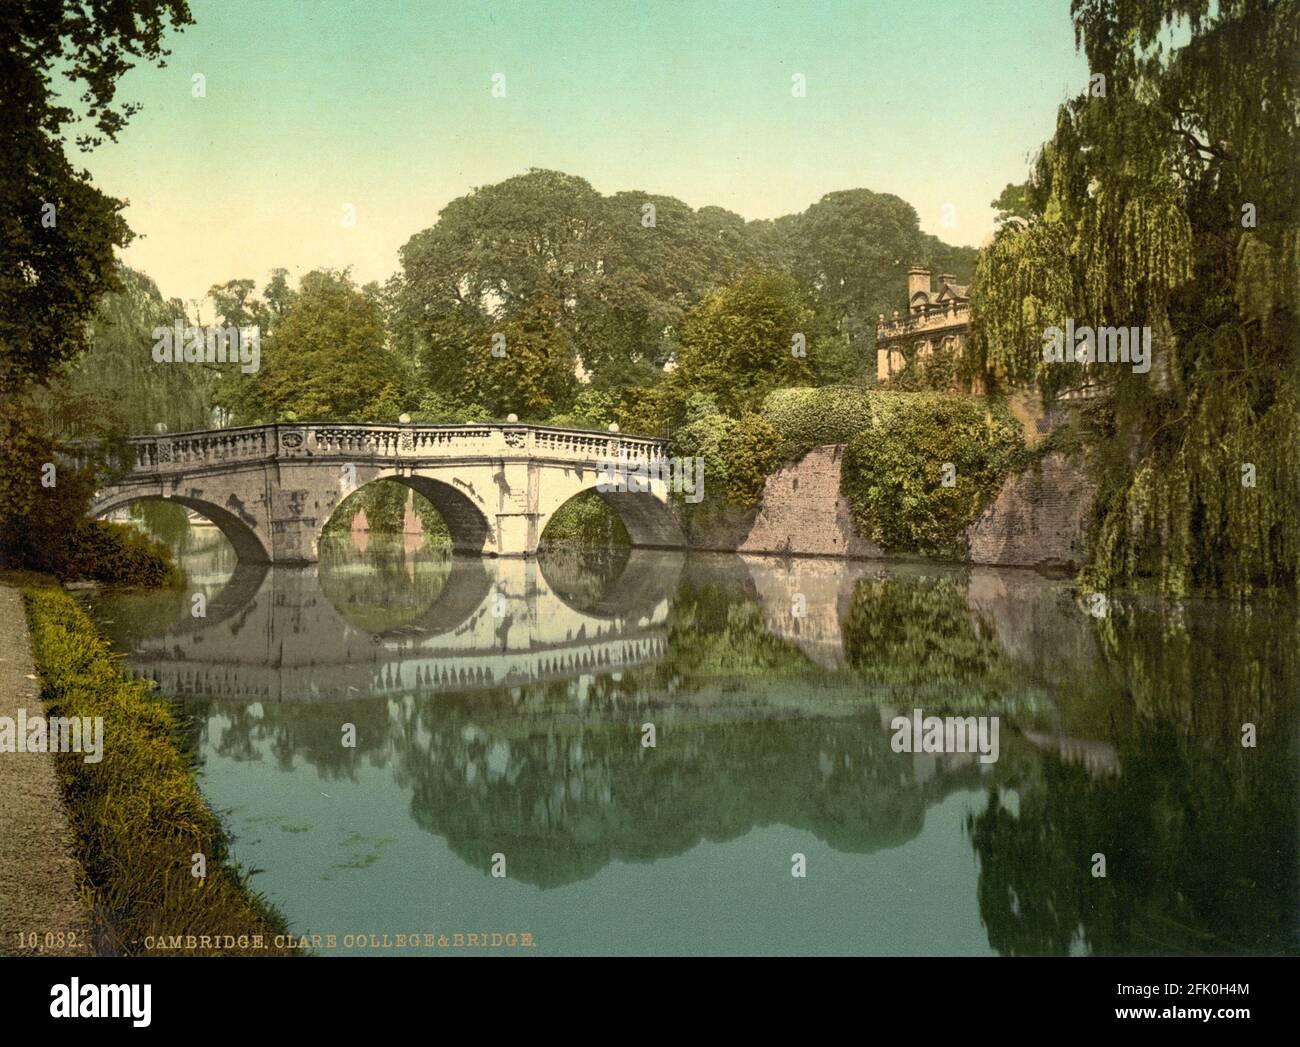 Clare College Bridge au-dessus de la rivière Cam vers 1890-1900 Banque D'Images